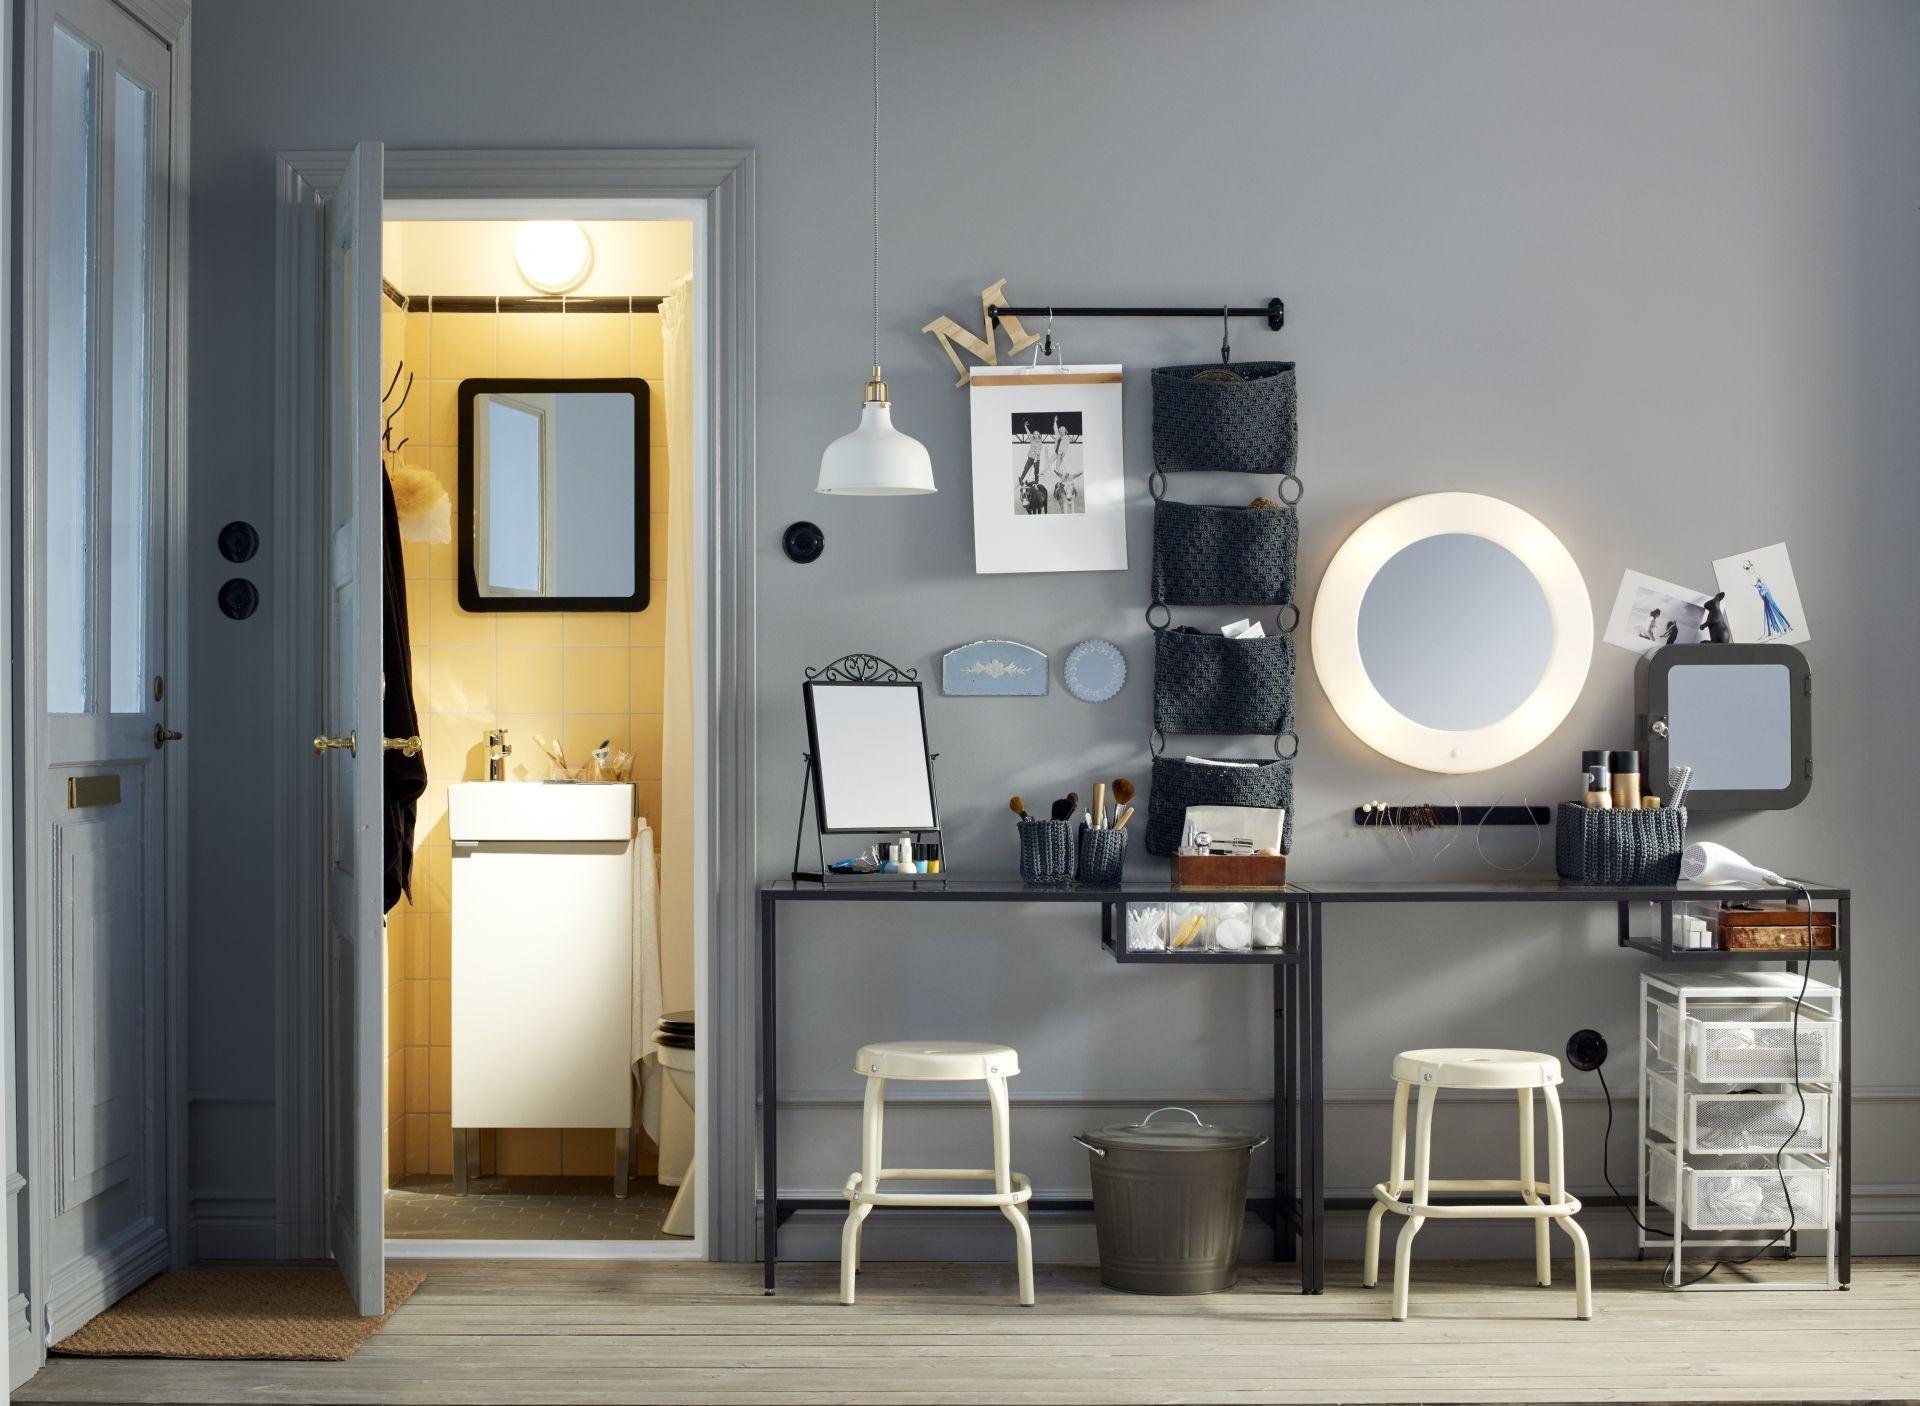 LILLJORM Spiegel m geïntegreerde verlichting | Vanities, Bedrooms ...